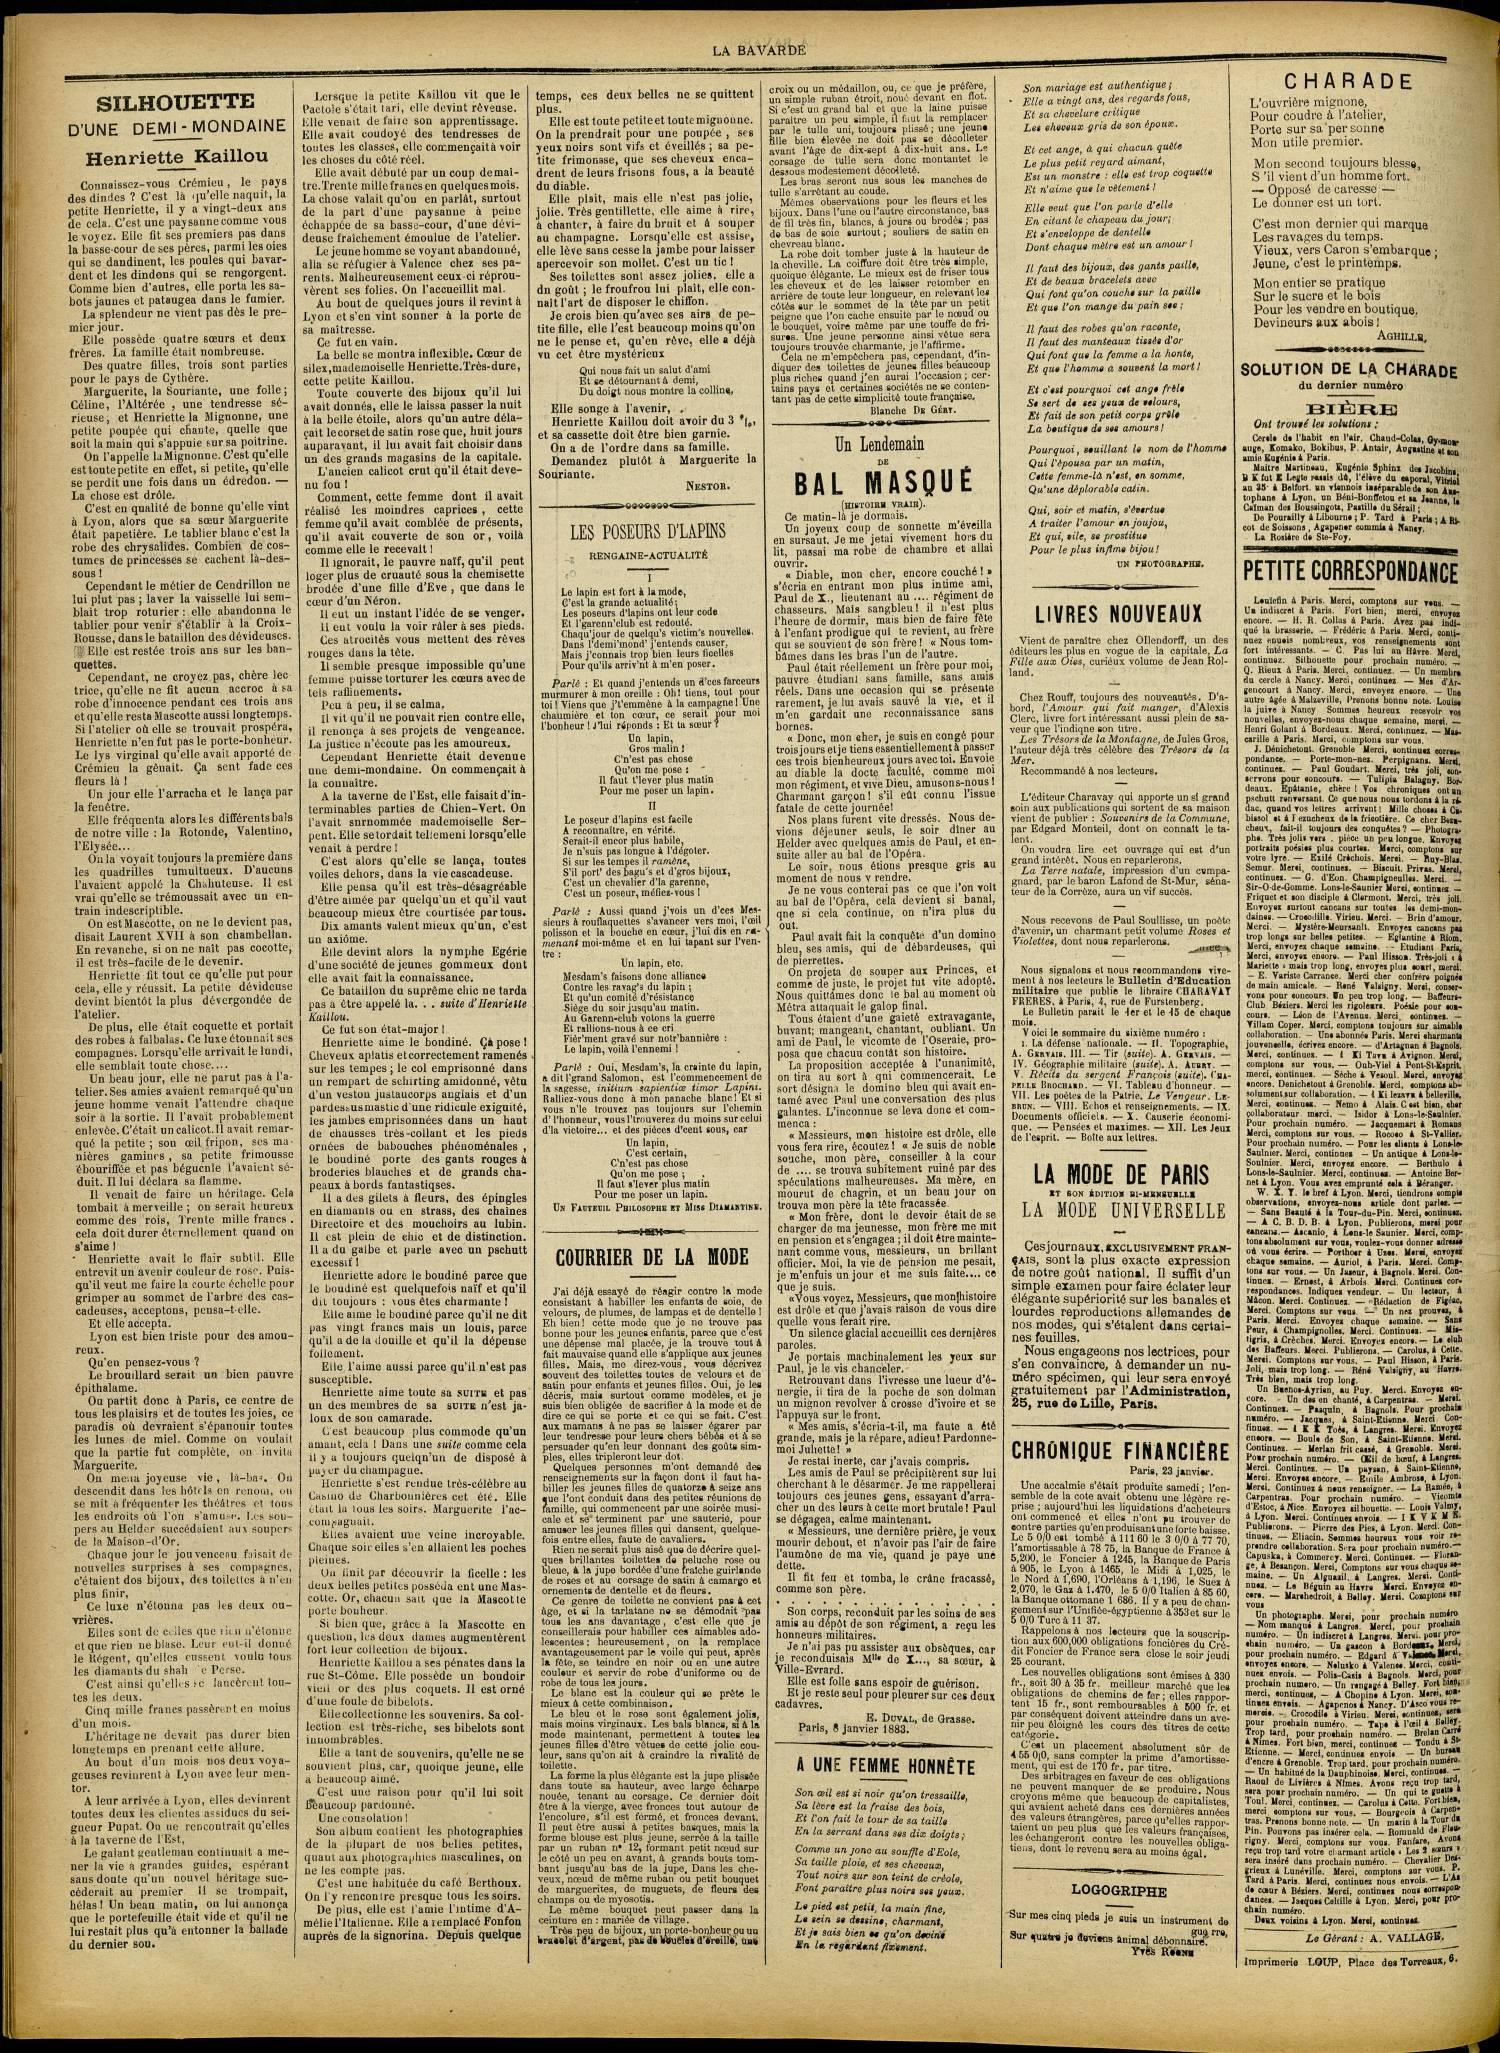 Contenu textuel de l'image : COURRIER DE LA MODE